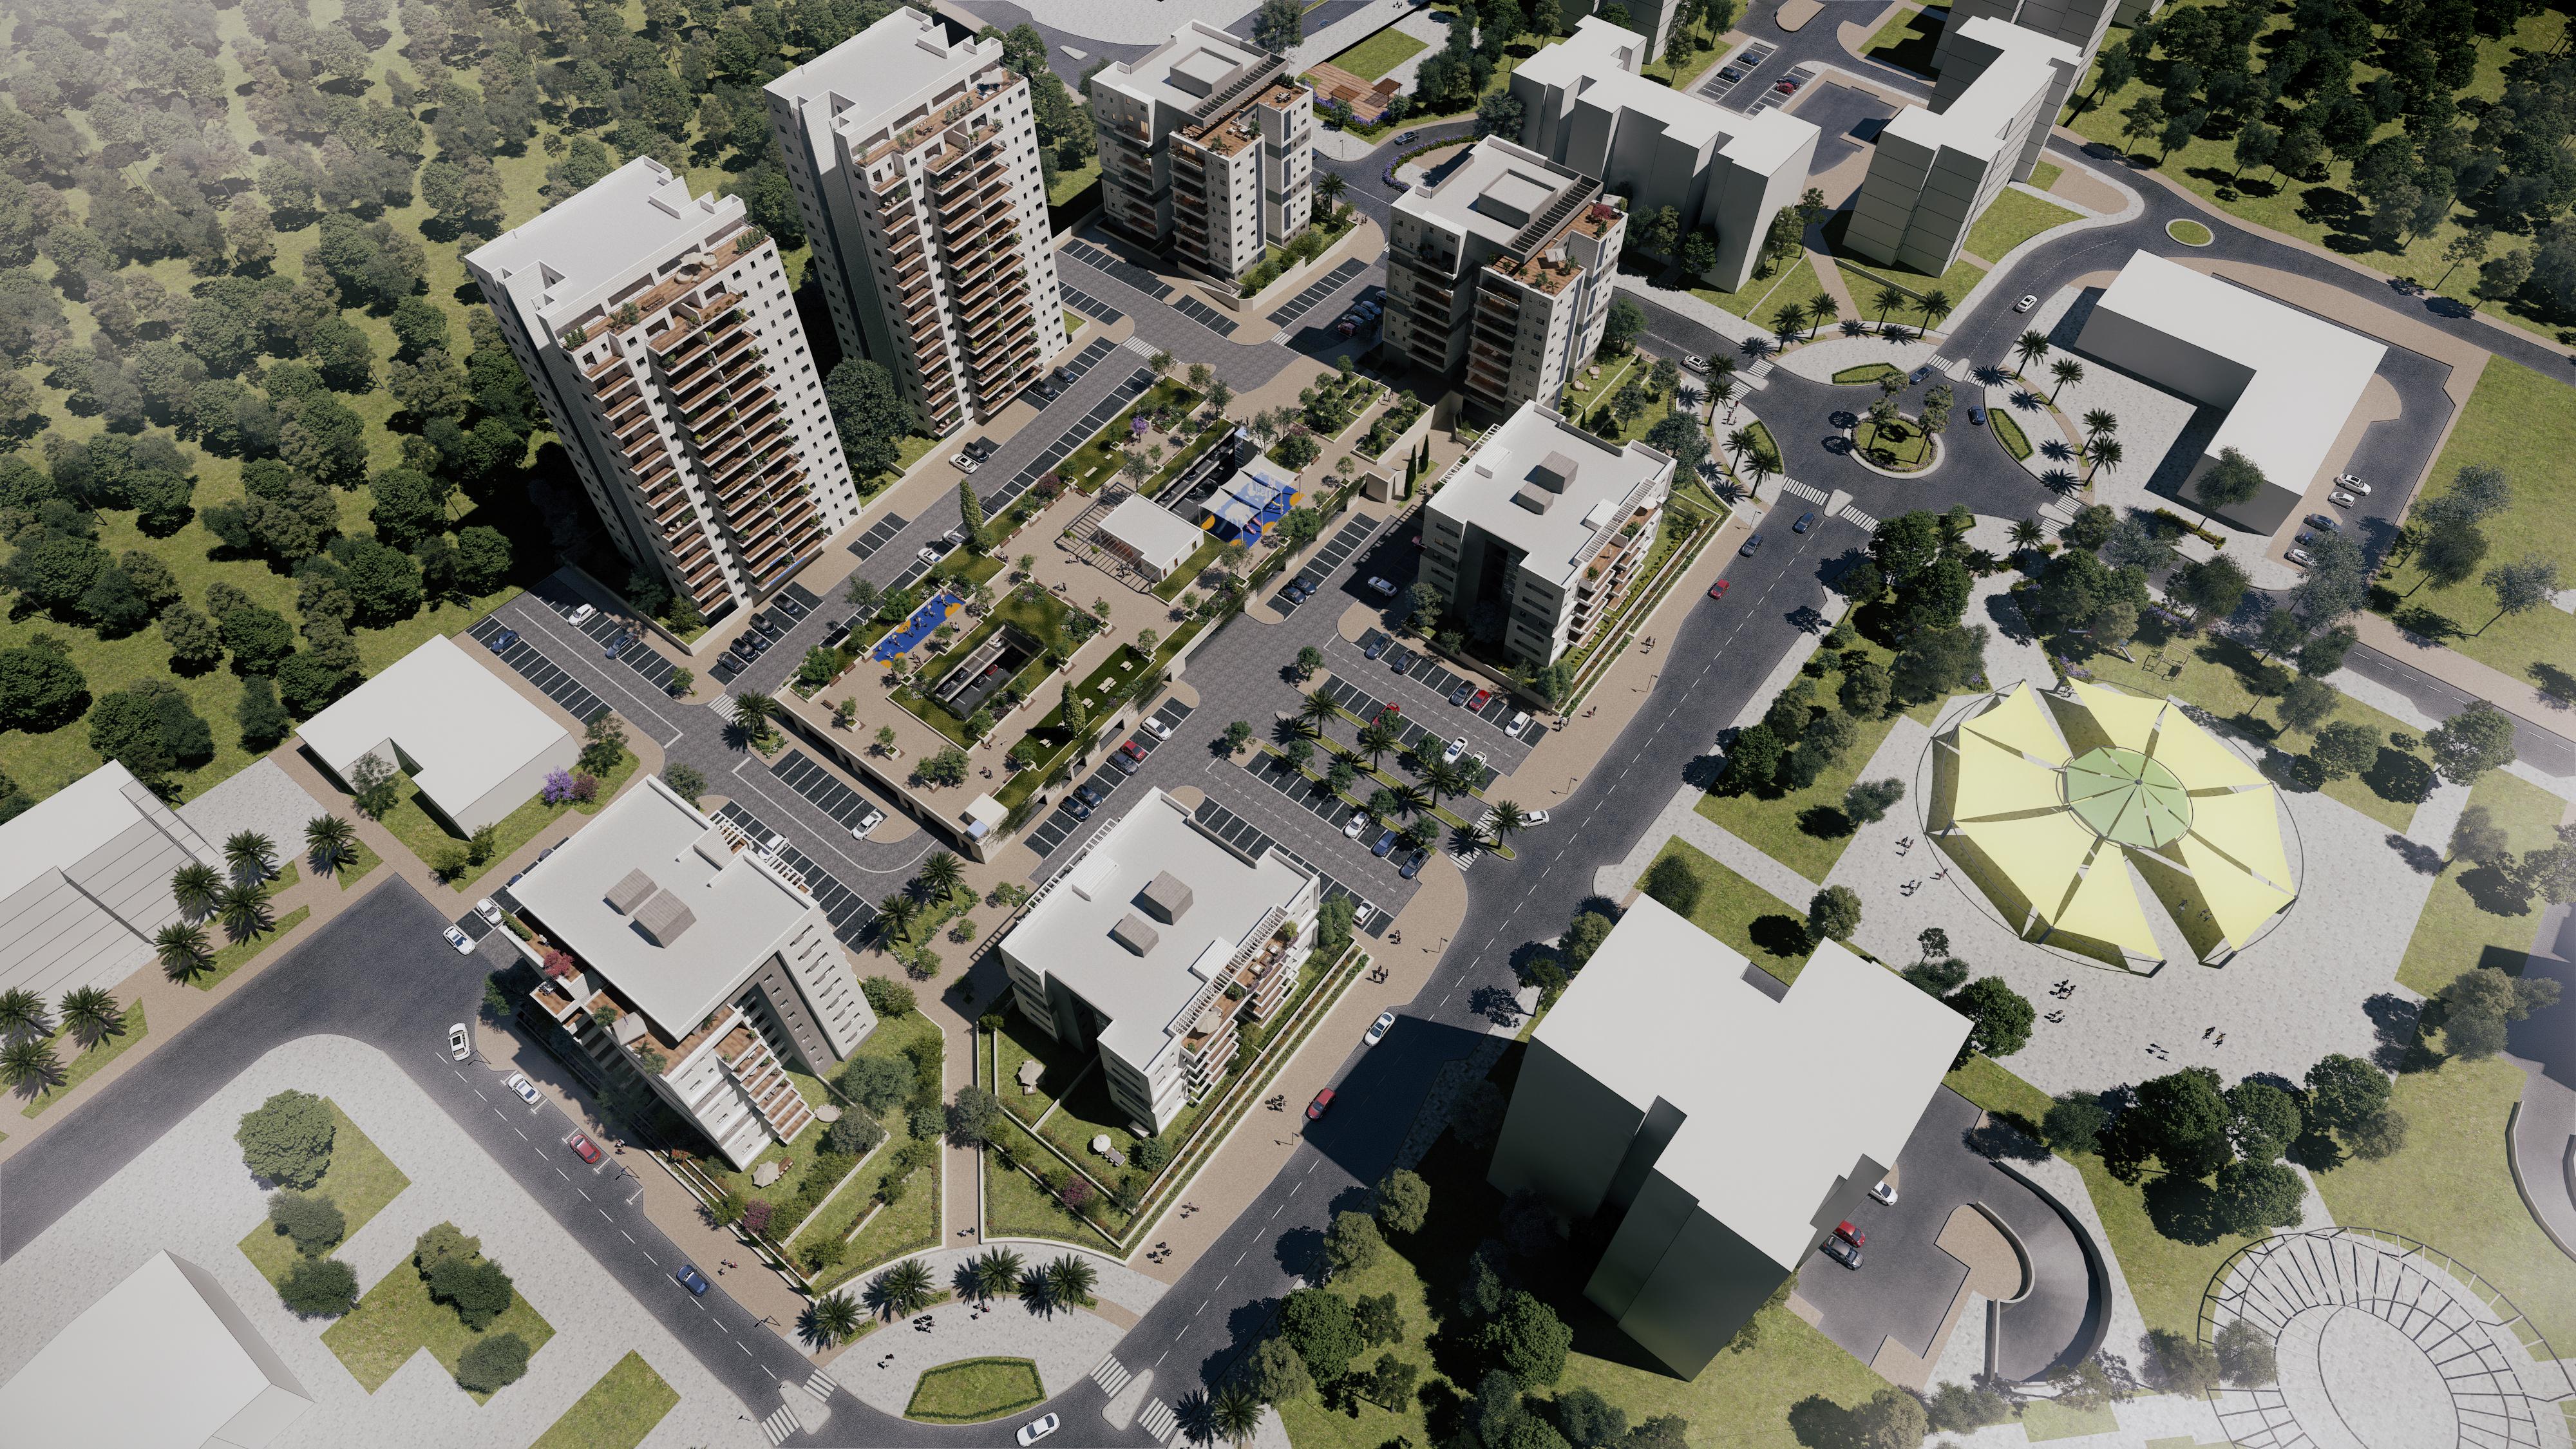 Впервые за 20 лет в Нагарии появится новый район